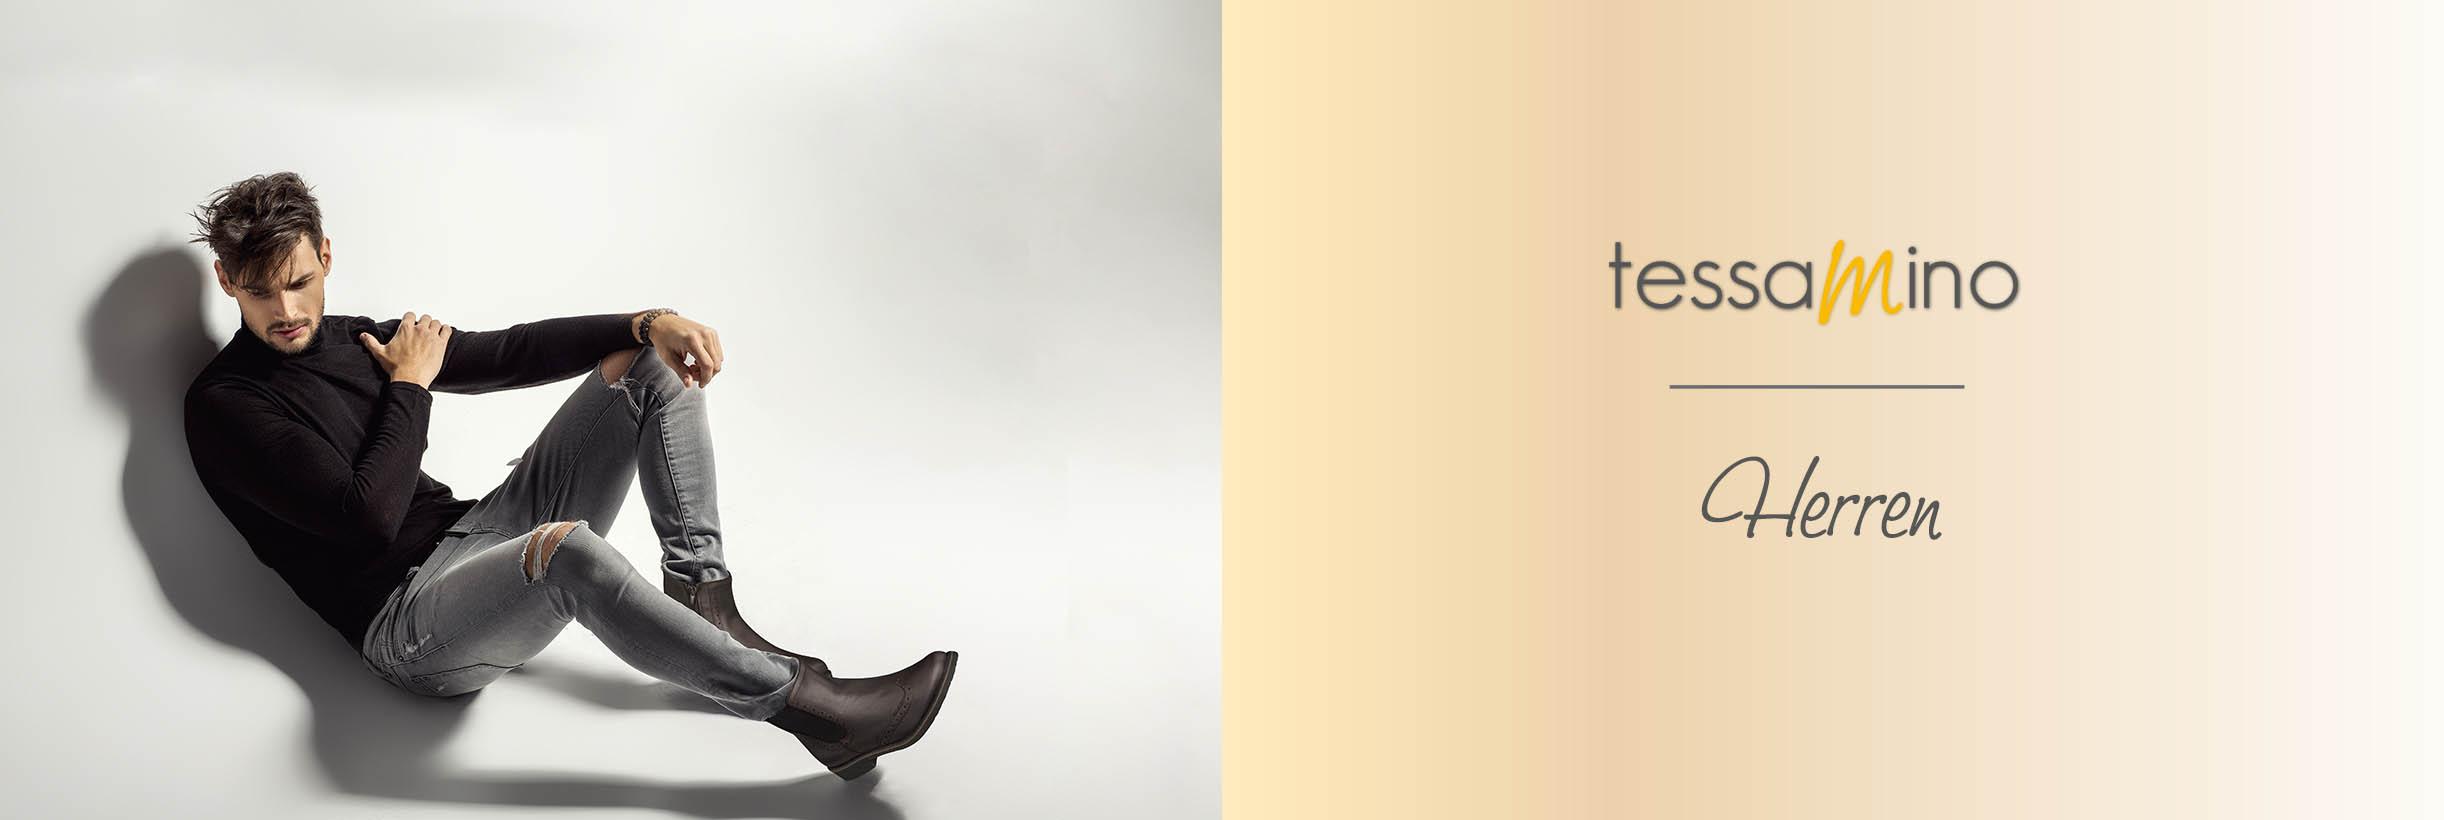 Kategoriebild Bequeme Herrenschuhe von tessamino